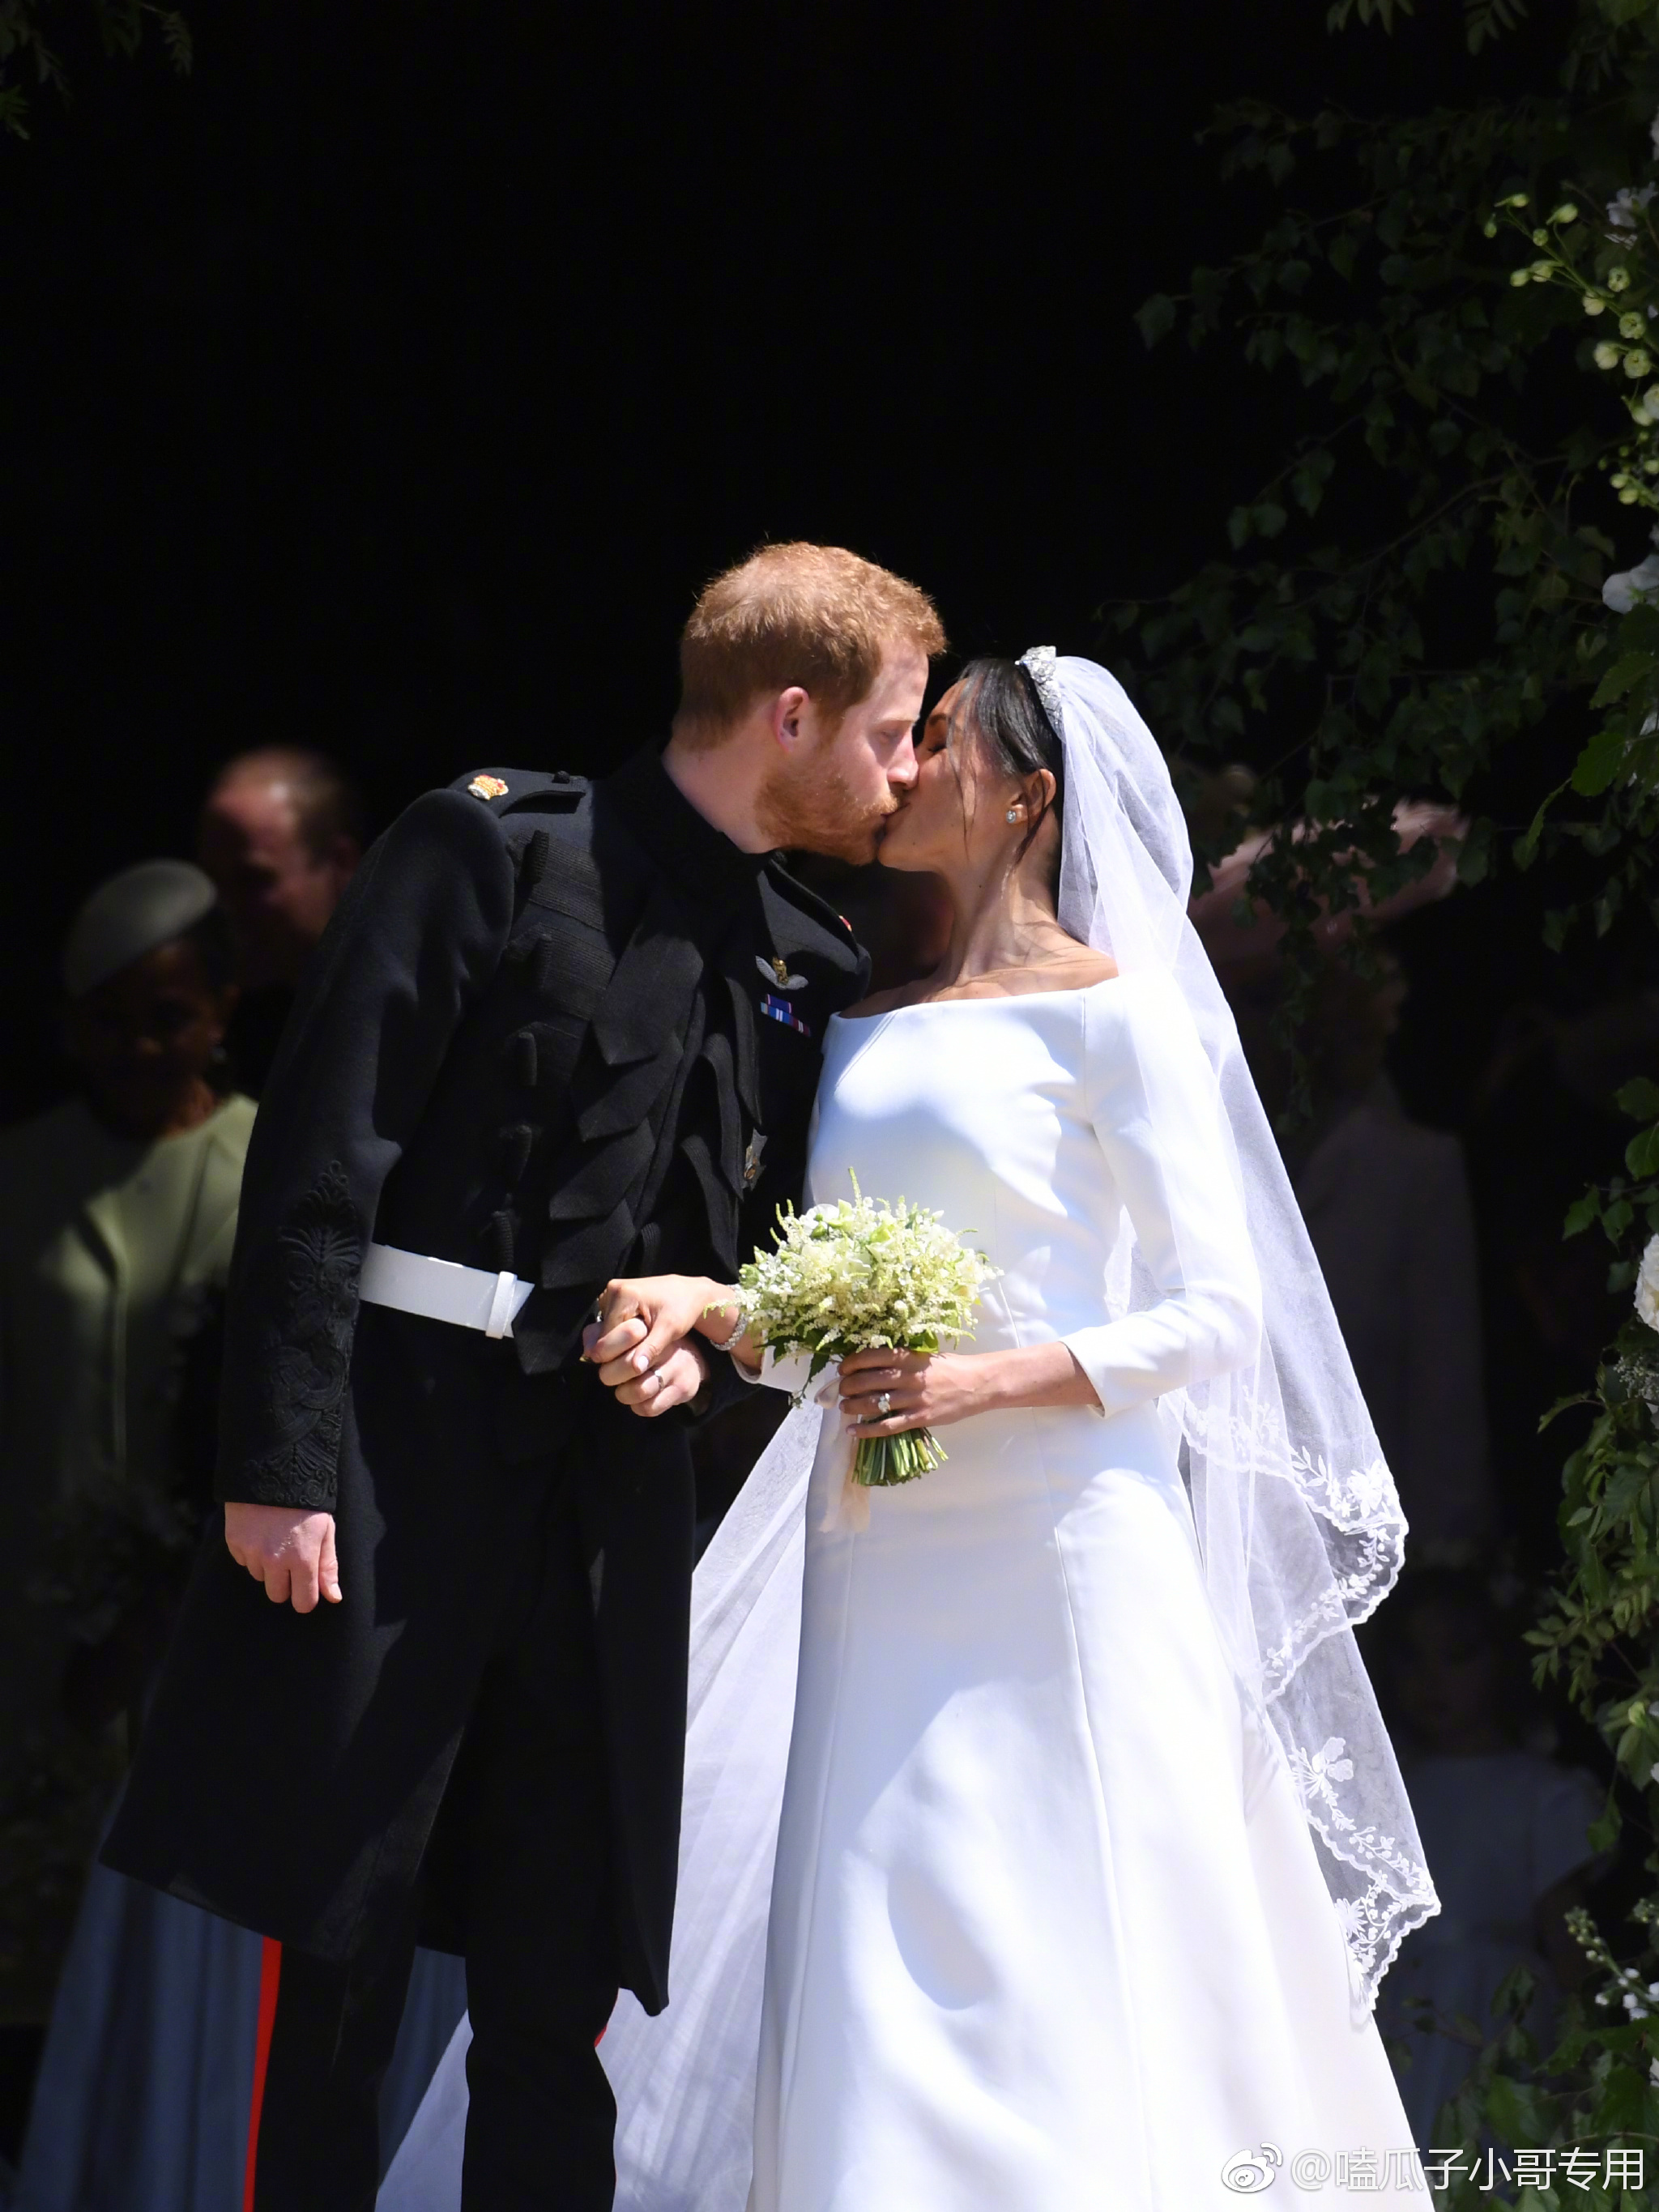 英国戴安娜王妃的小儿子哈里王子今天结婚,婚礼现场的名流云集啊